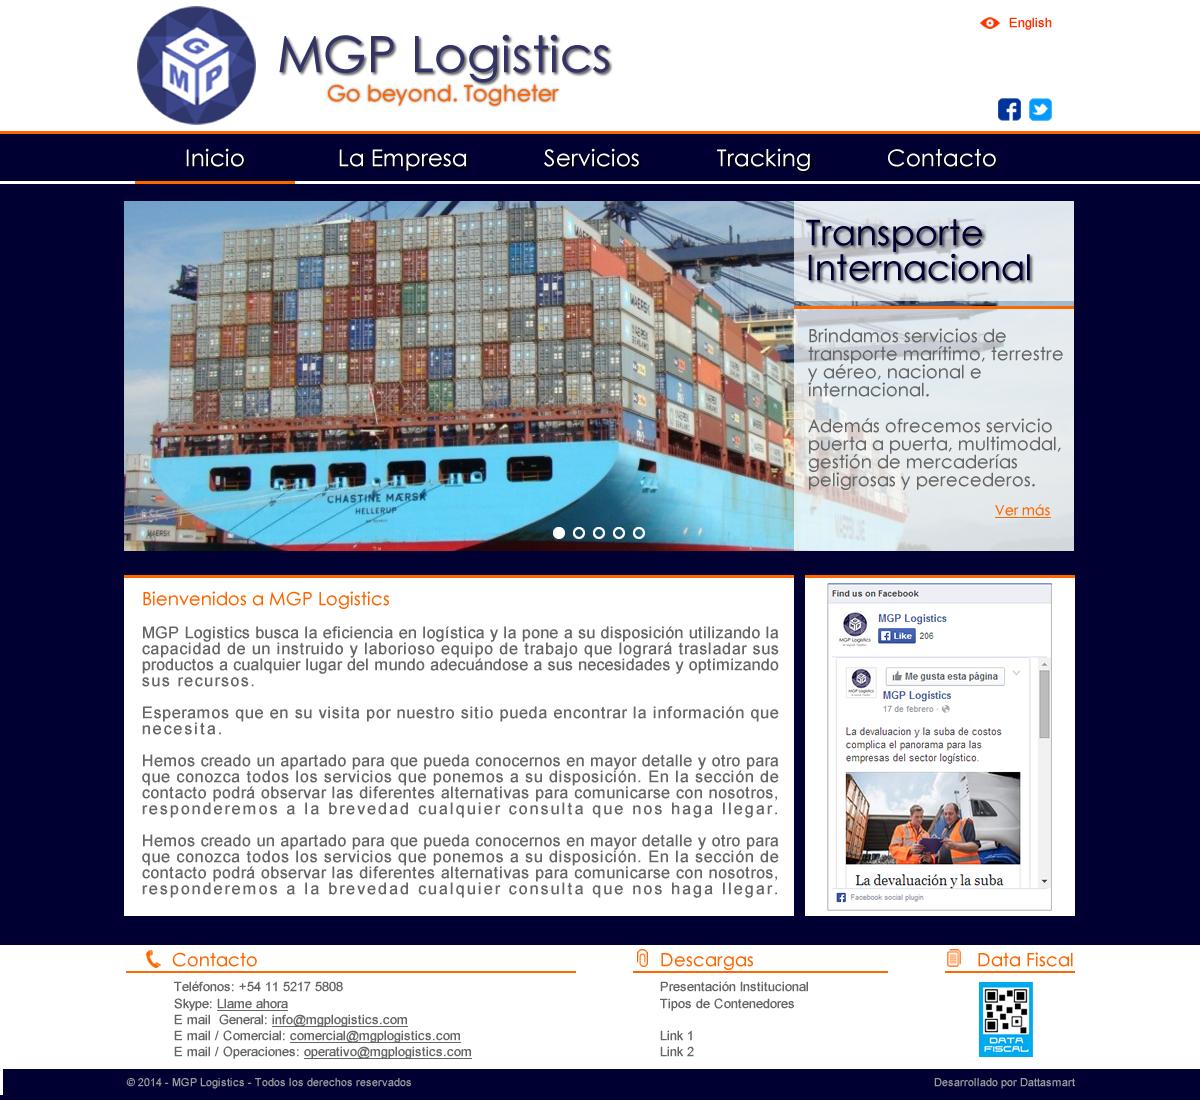 MGP Logistics: rediseño de #SitioWeb #Institucional con tecnología #html5 y #css3. #SitiosWeb #BuenosAires